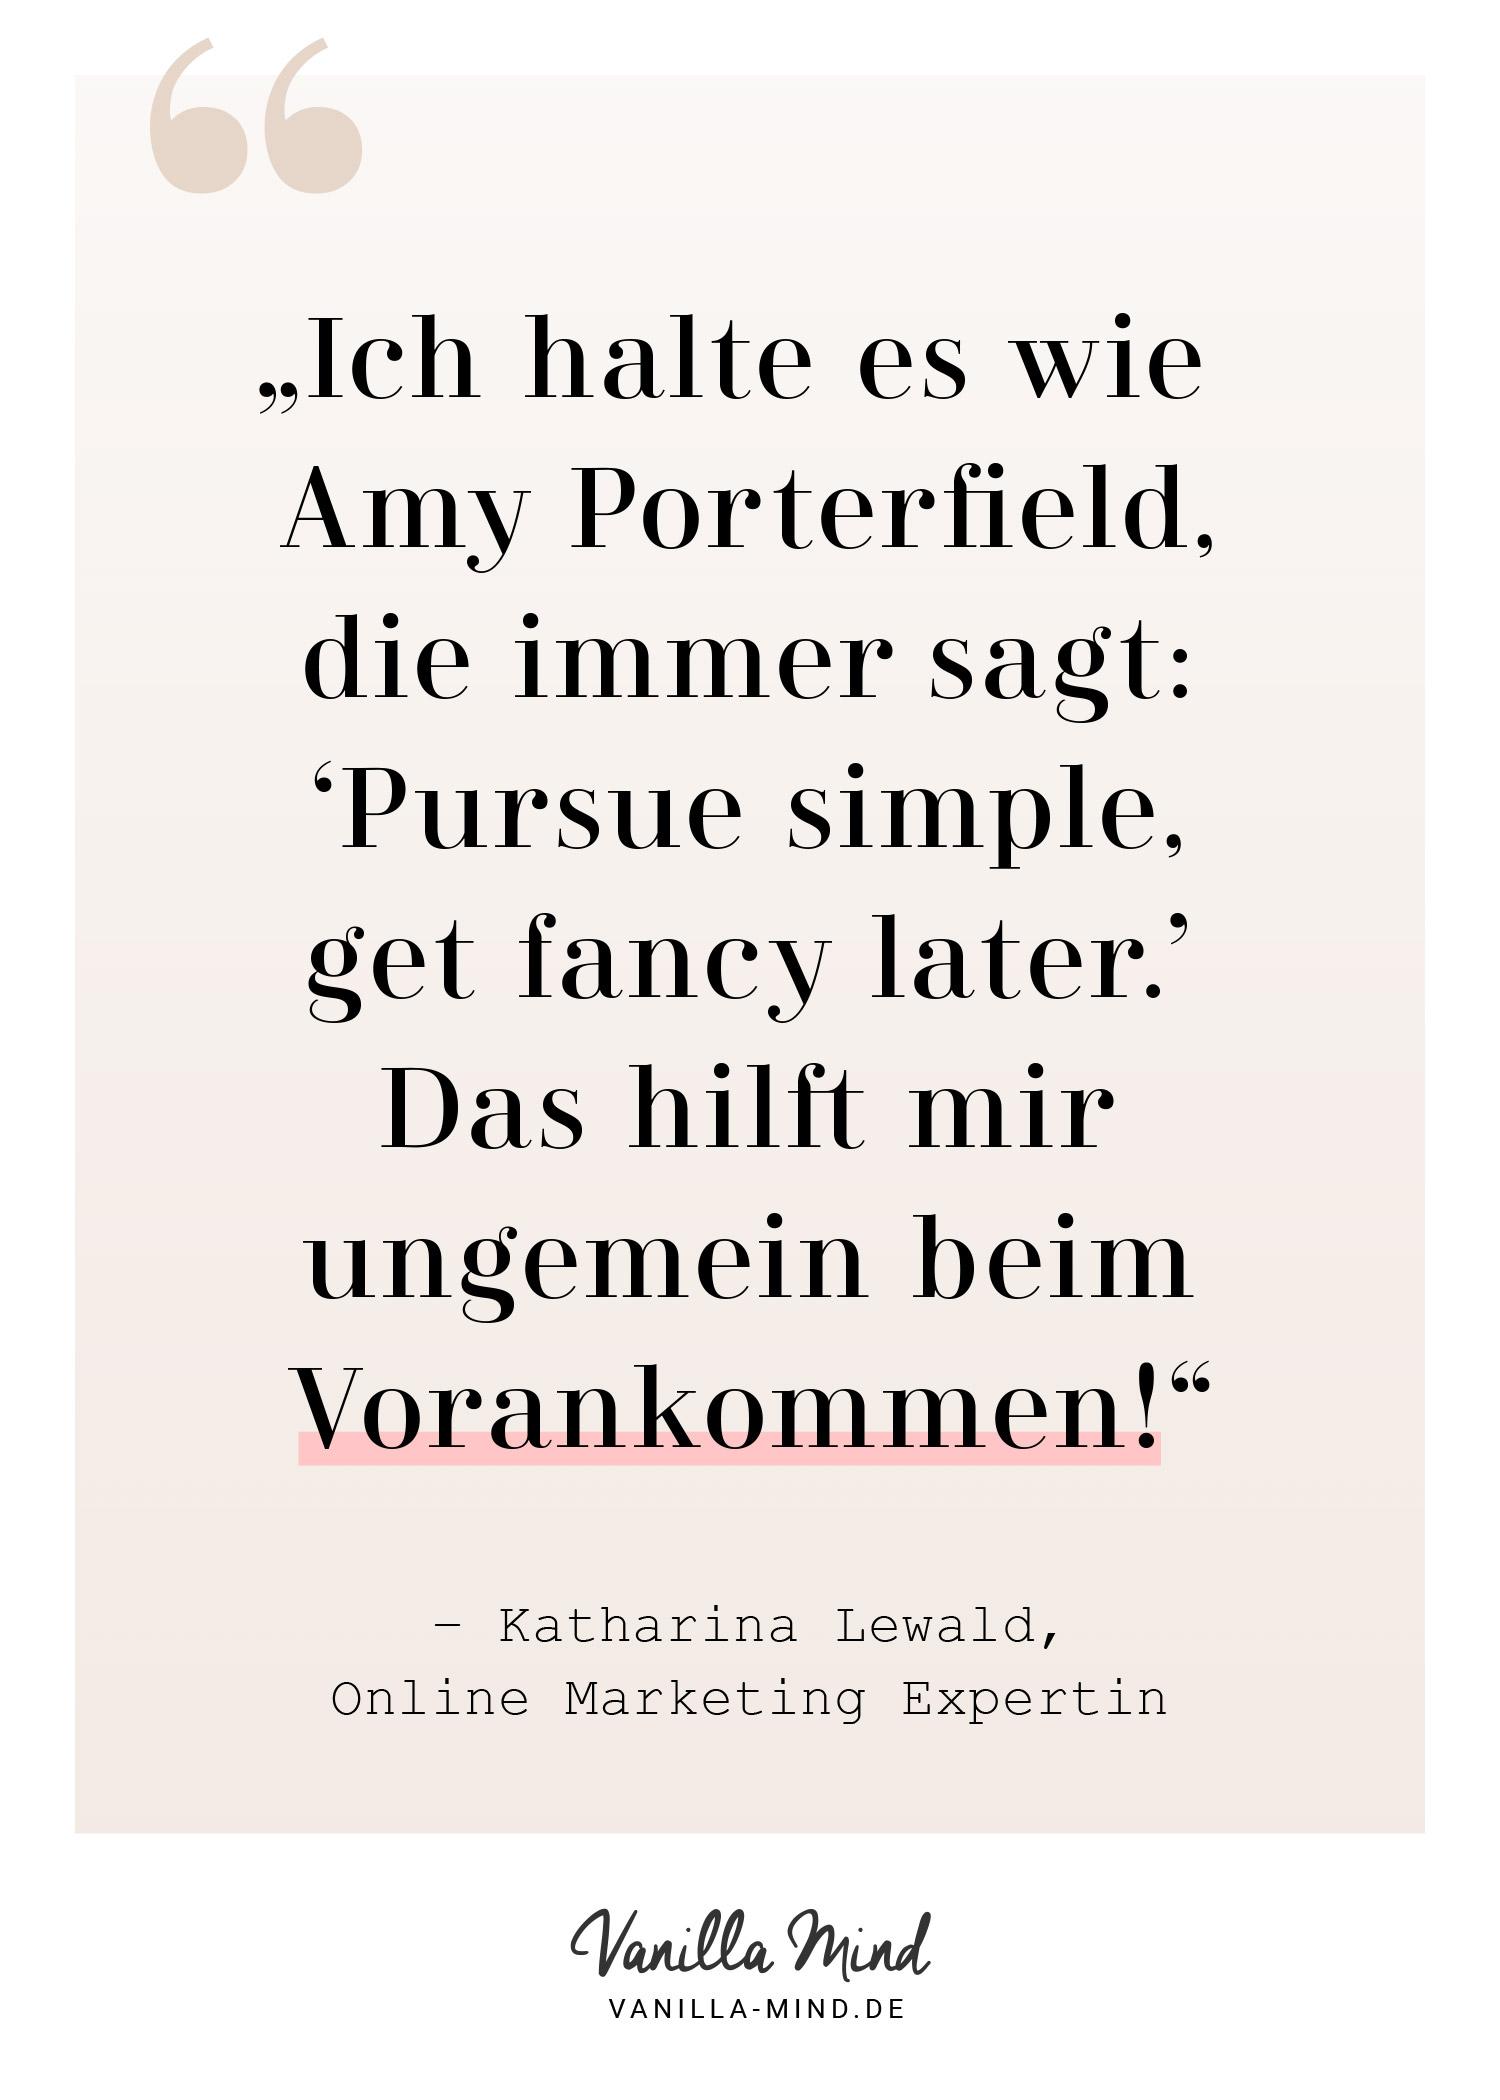 Interview mit Online Marketing Profi Katharina Lewald: Das rät sie ihren Kunden, um Perfektionismus zu besiegen und mehr Freude an der Arbeit zu finden. #Perfektionismus #Interview #Girlboss #Erfolg #Job #Arbeit #selbstständig #Marketing